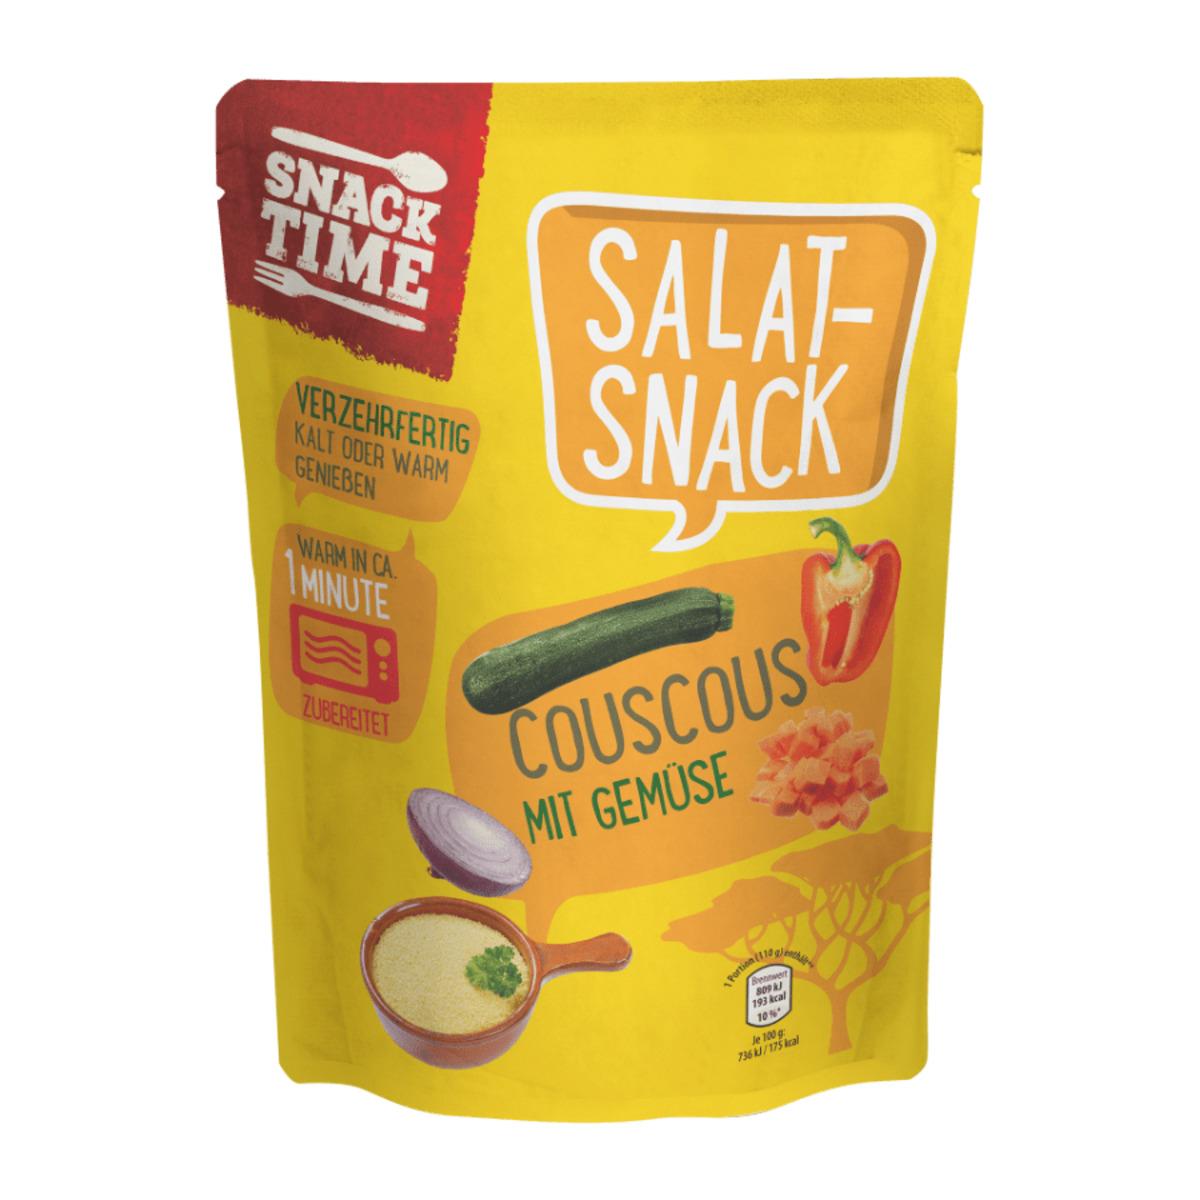 Bild 3 von SNACK TIME     Salat-Snack